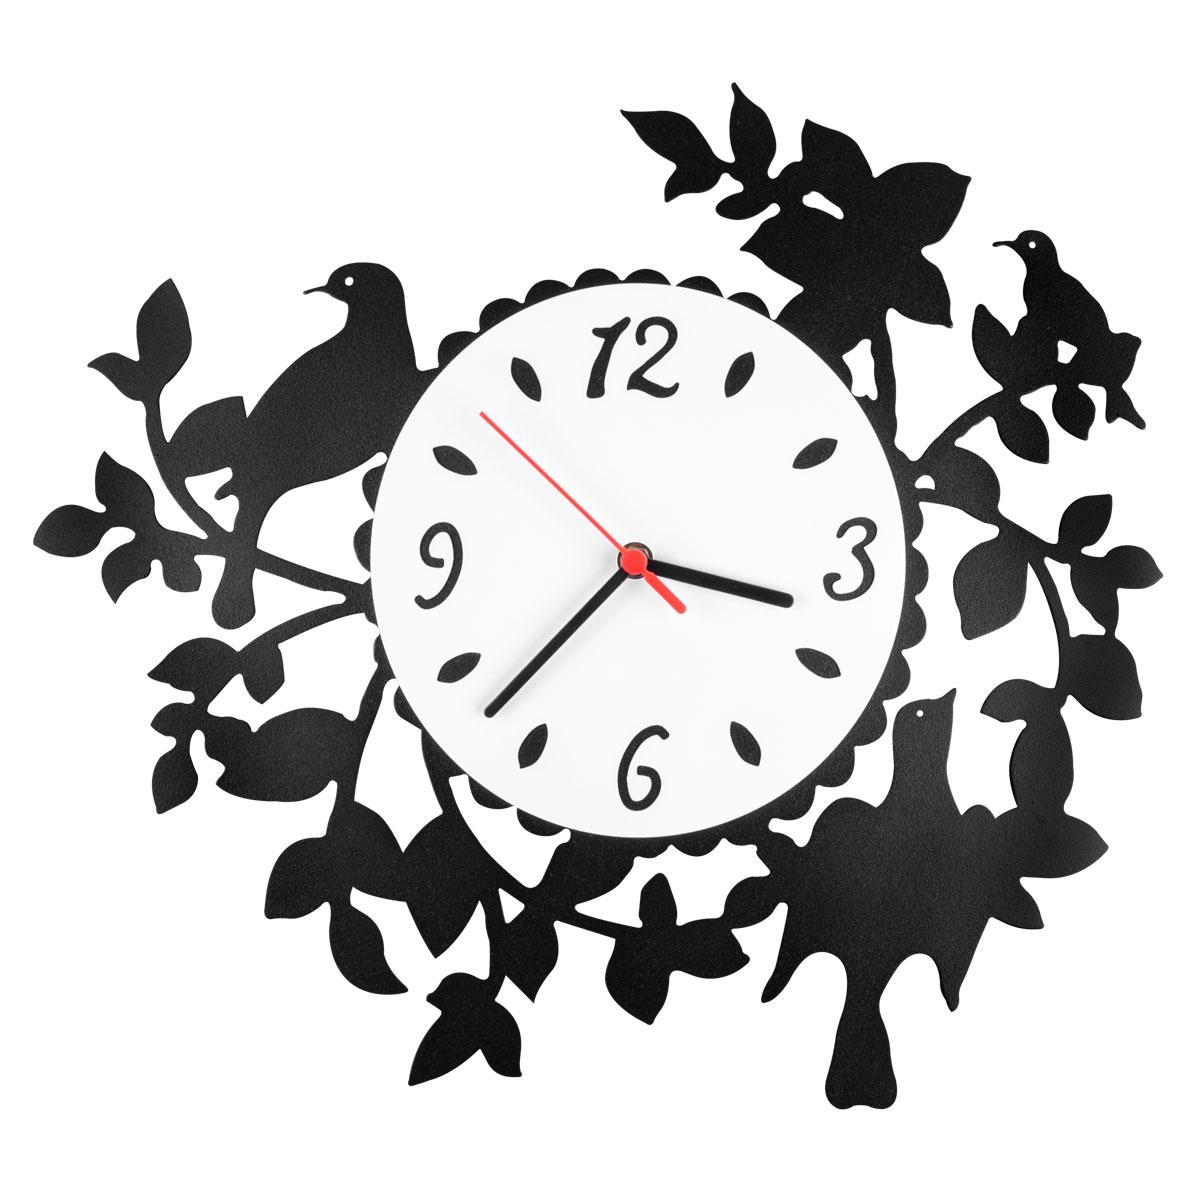 Часы настенные Miolla Сад, цвет: черный, белыйCH009Оригинальные настенные часы круглой формы выполнены из стали. Часы имеют три стрелки - часовую, минутную и секундную и циферблат с цифрами. Необычное дизайнерское решение и качество исполнения придутся по вкусу каждому. Оформите свой дом таким интерьерным аксессуаром или преподнесите его в качестве презента друзьям, и они оценят ваш оригинальный вкус и неординарность подарка.